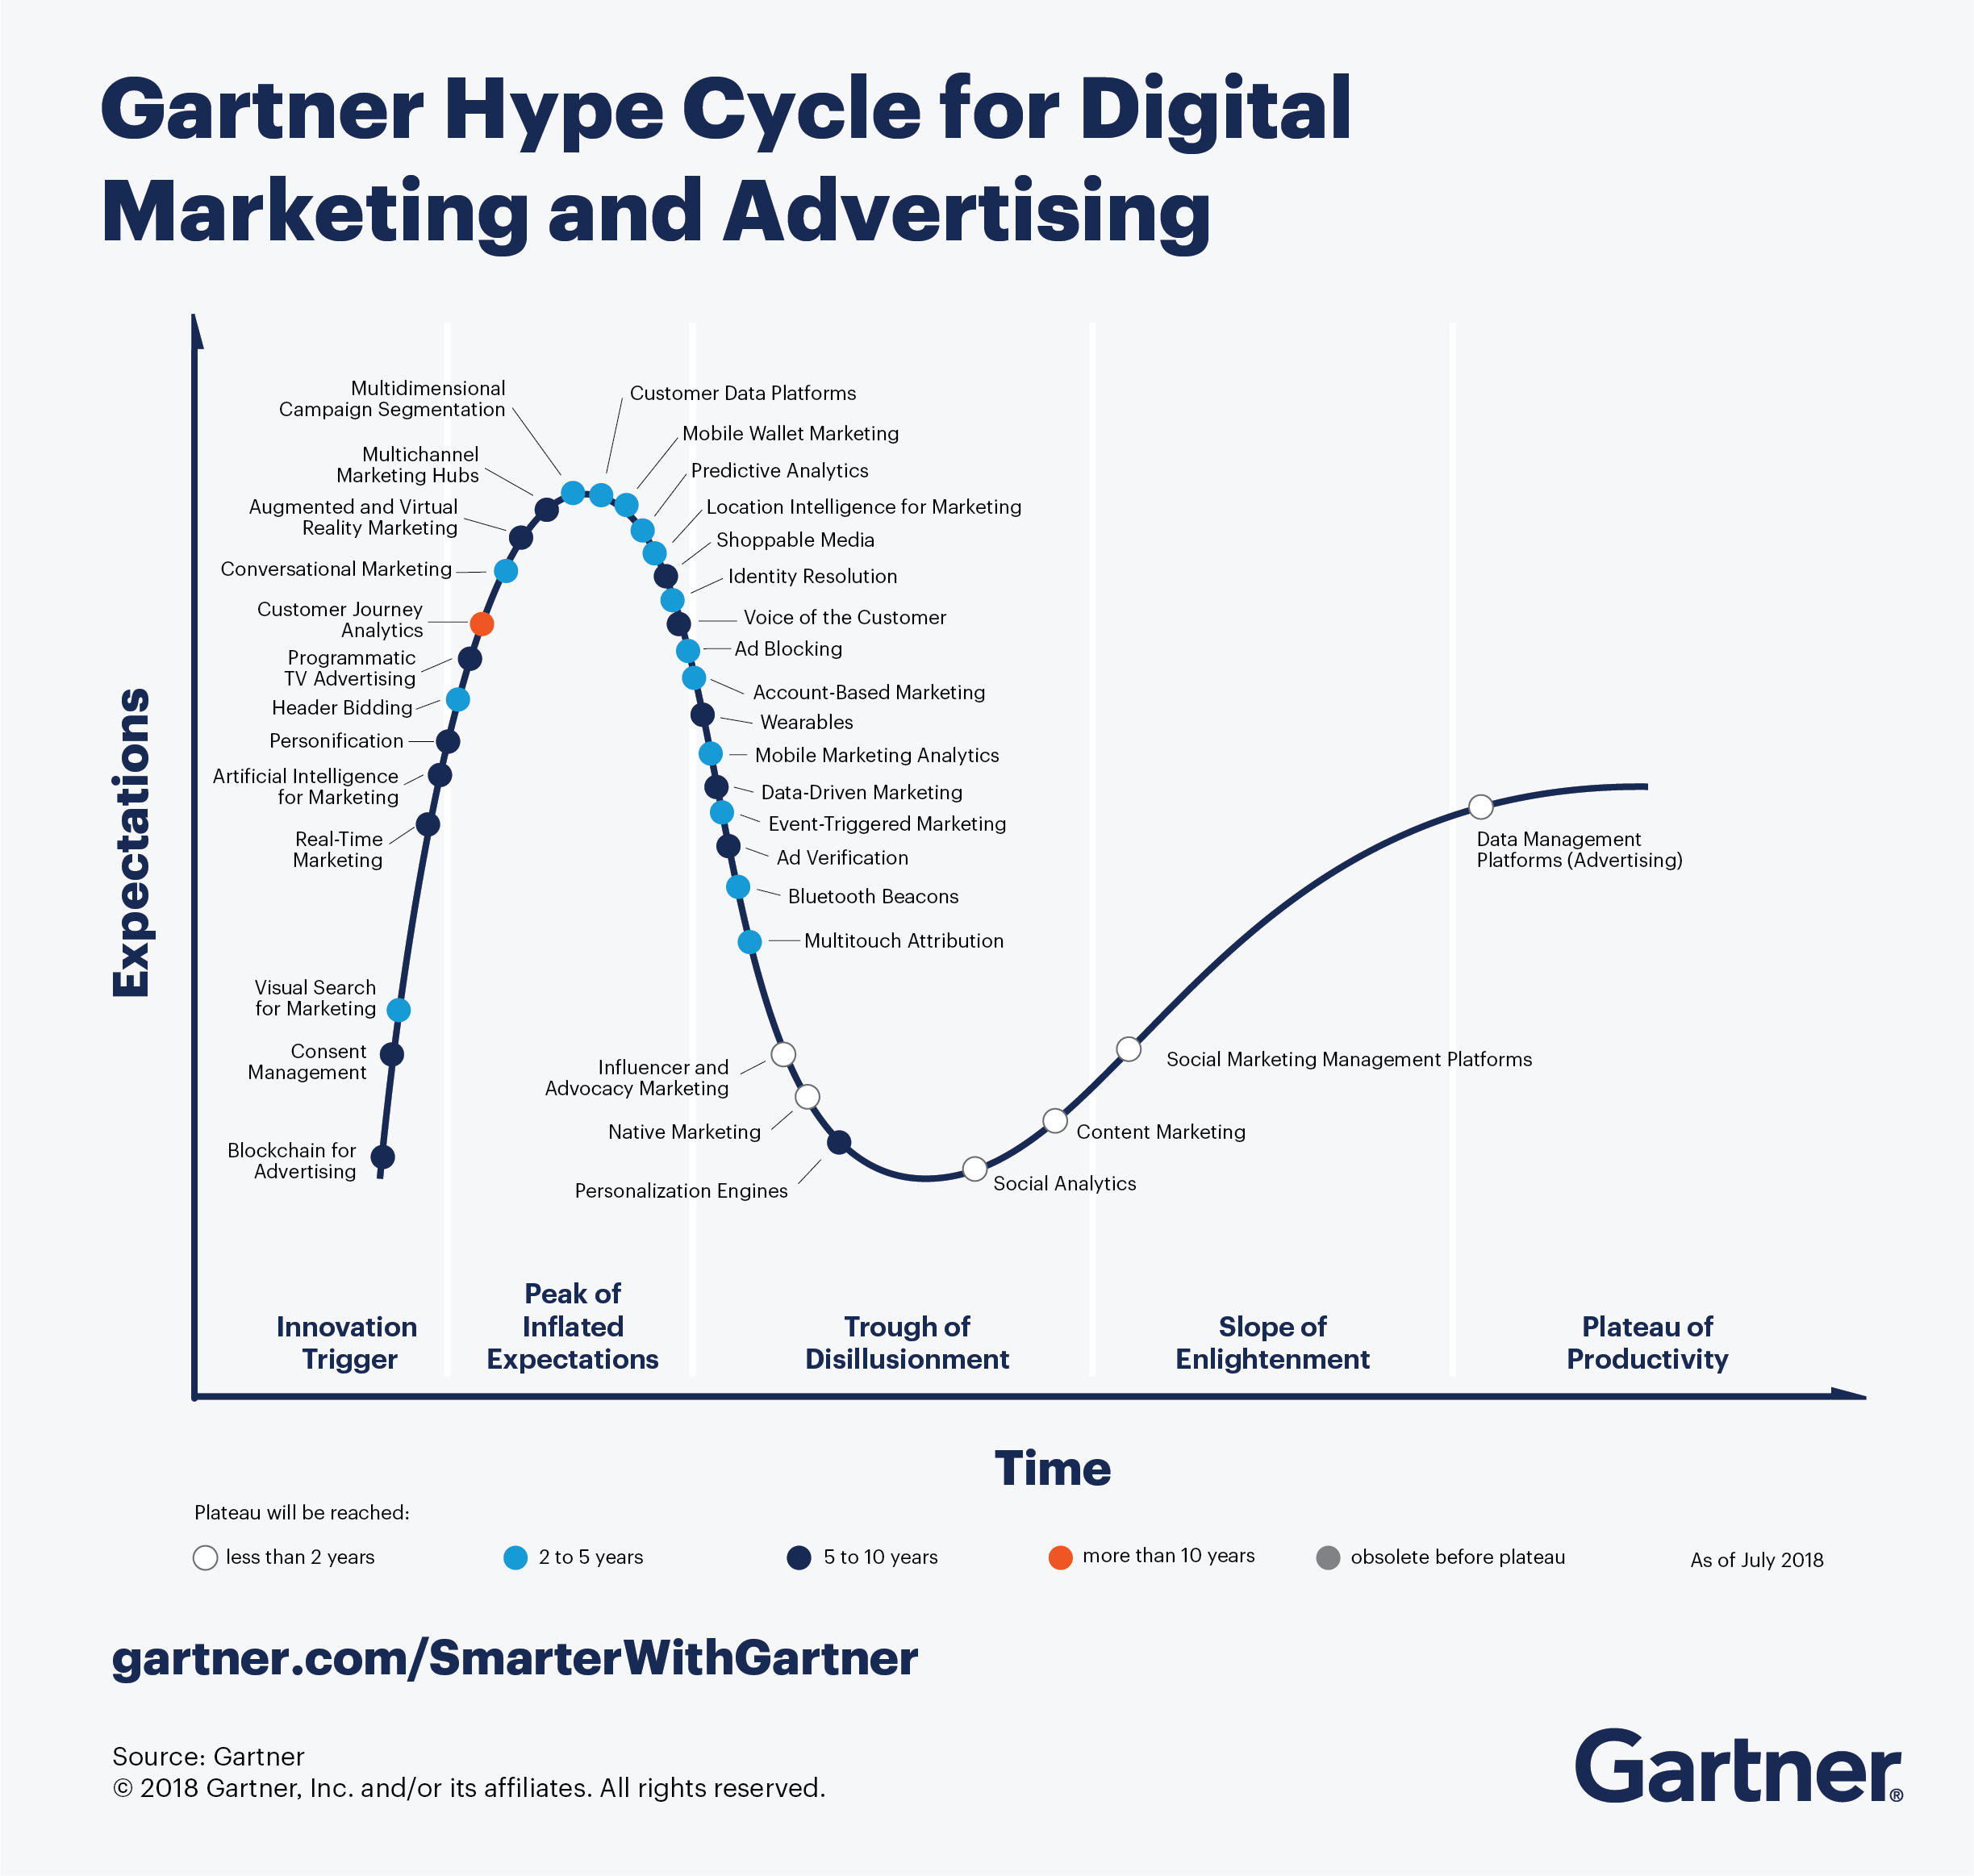 Le Hype Cycle de Gartner pour le Digital Marketing et l'Advertising